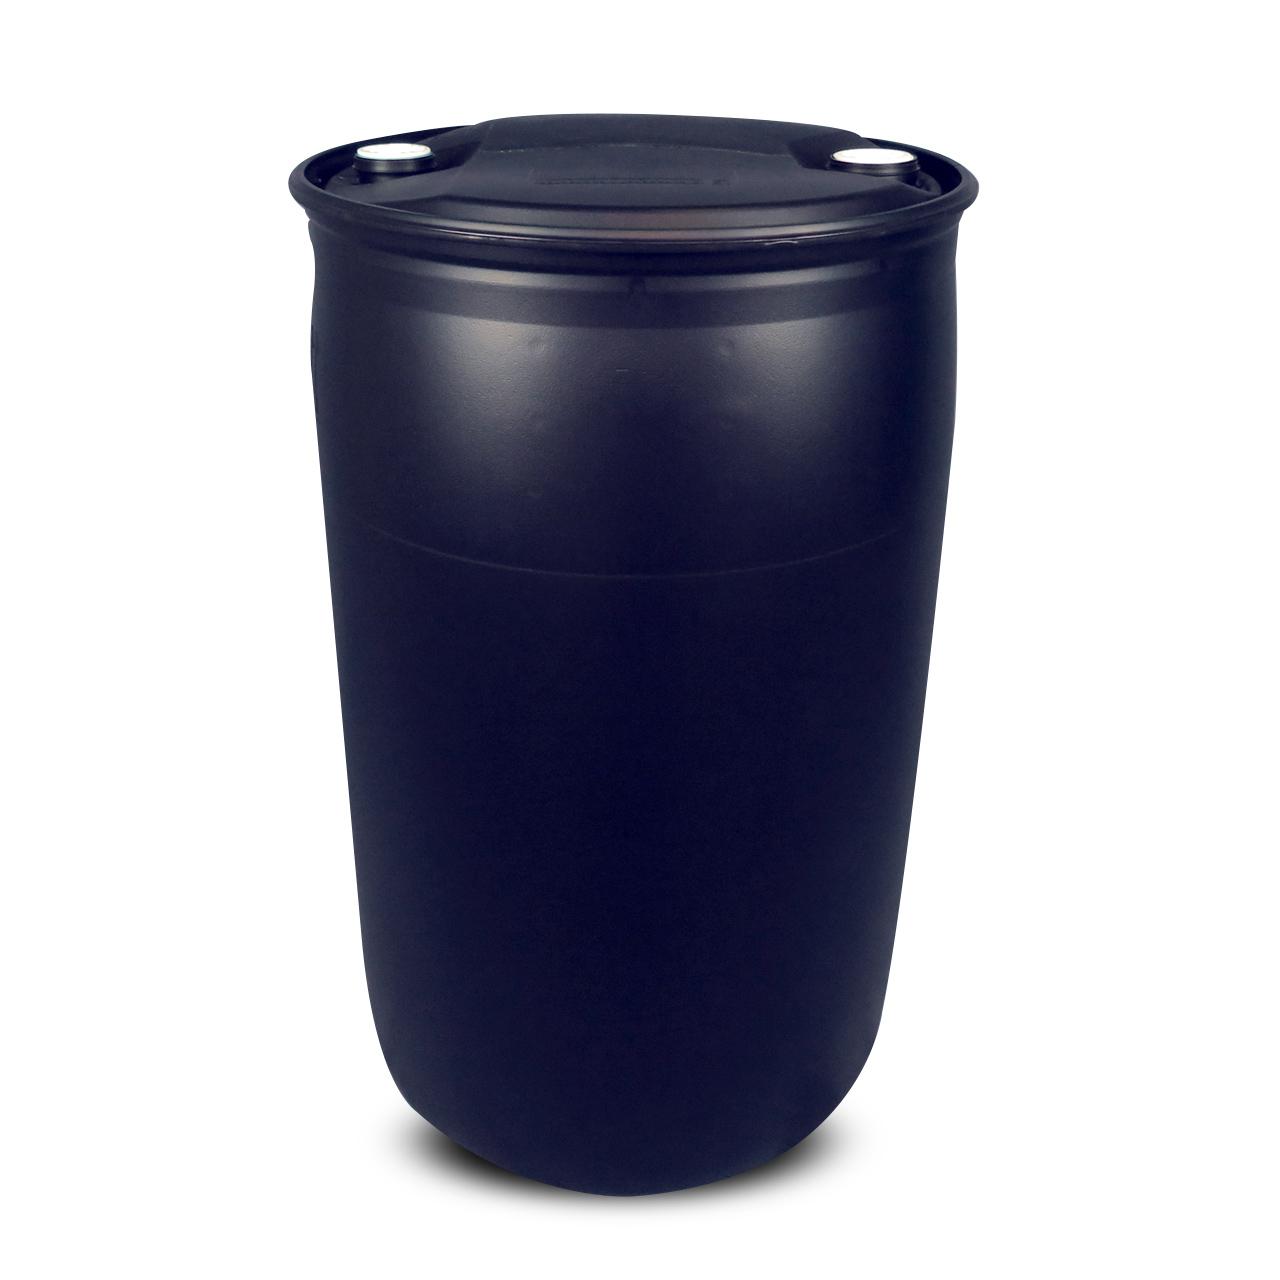 220 L Kunststoffspundfass, L-Ring, schwarz, EX geschützt, UN